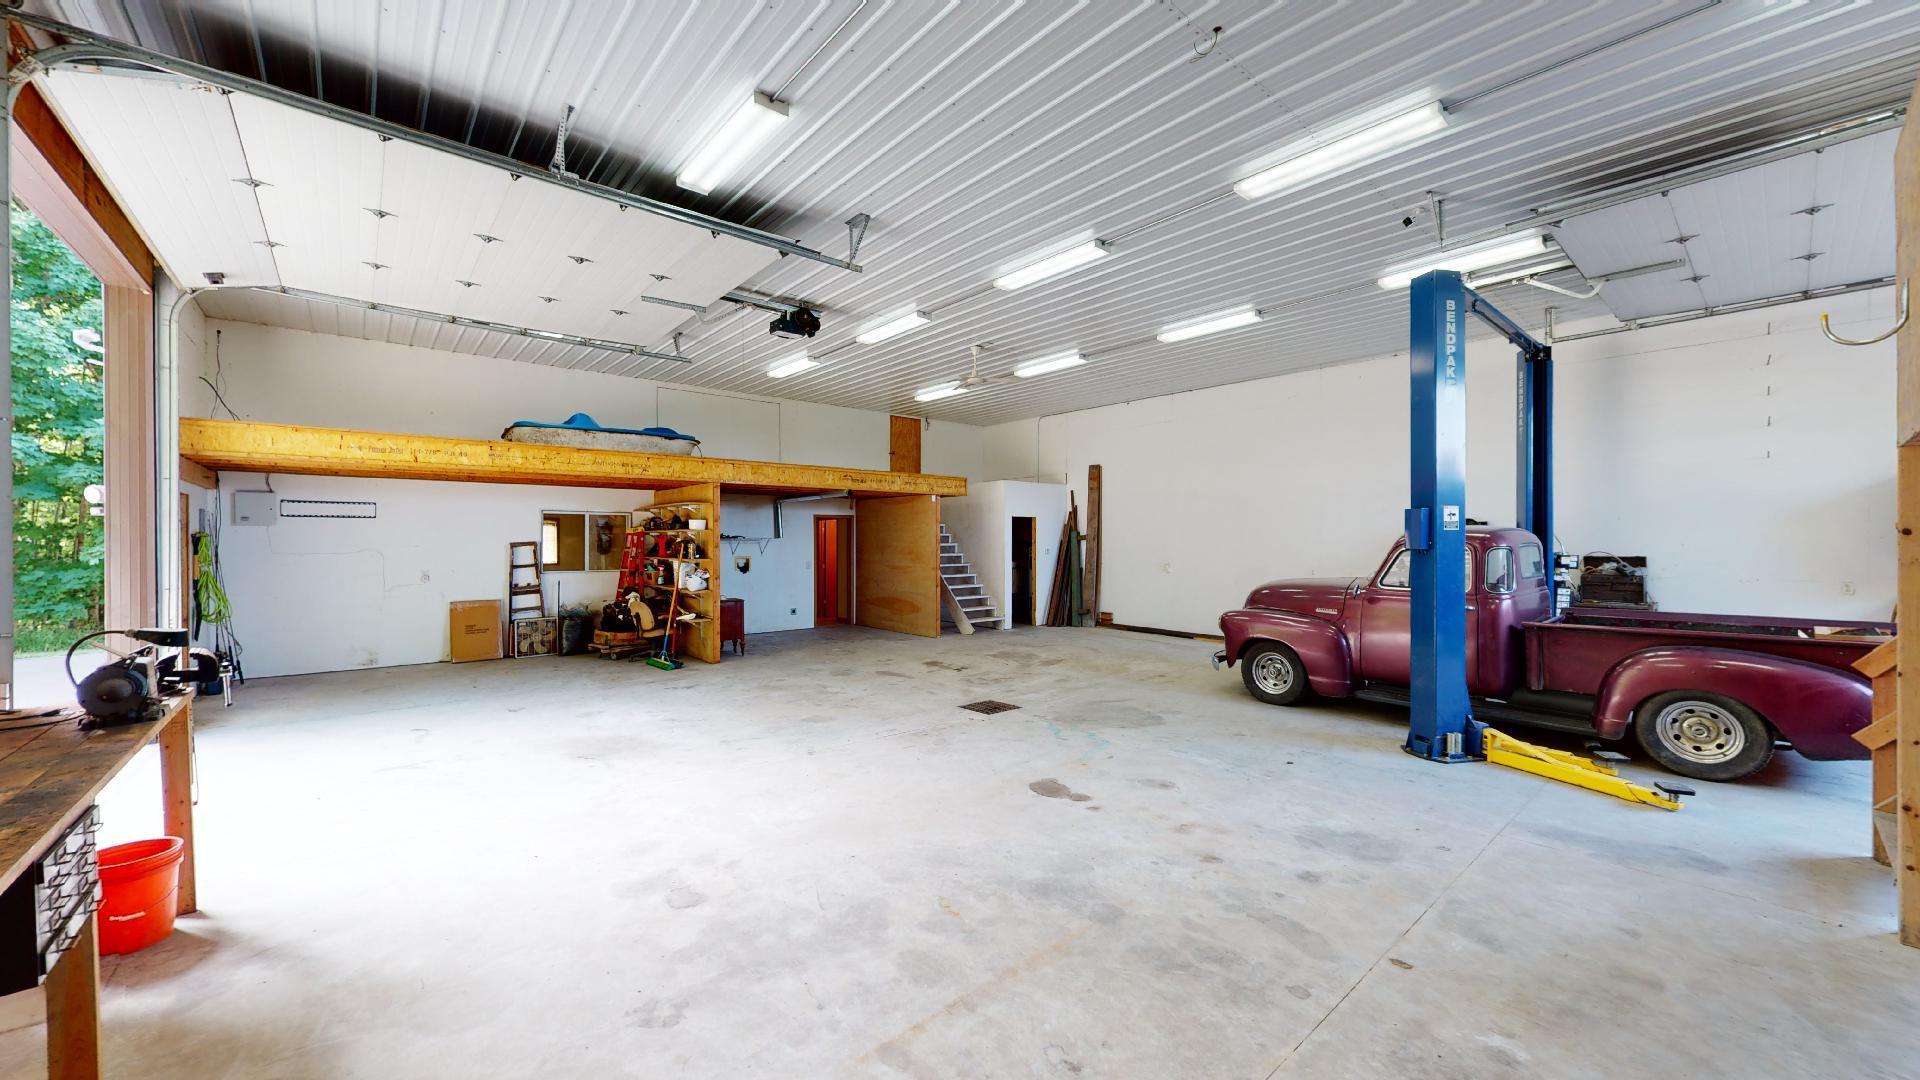 563 North 3859th, Mendota, Illinois, 61342